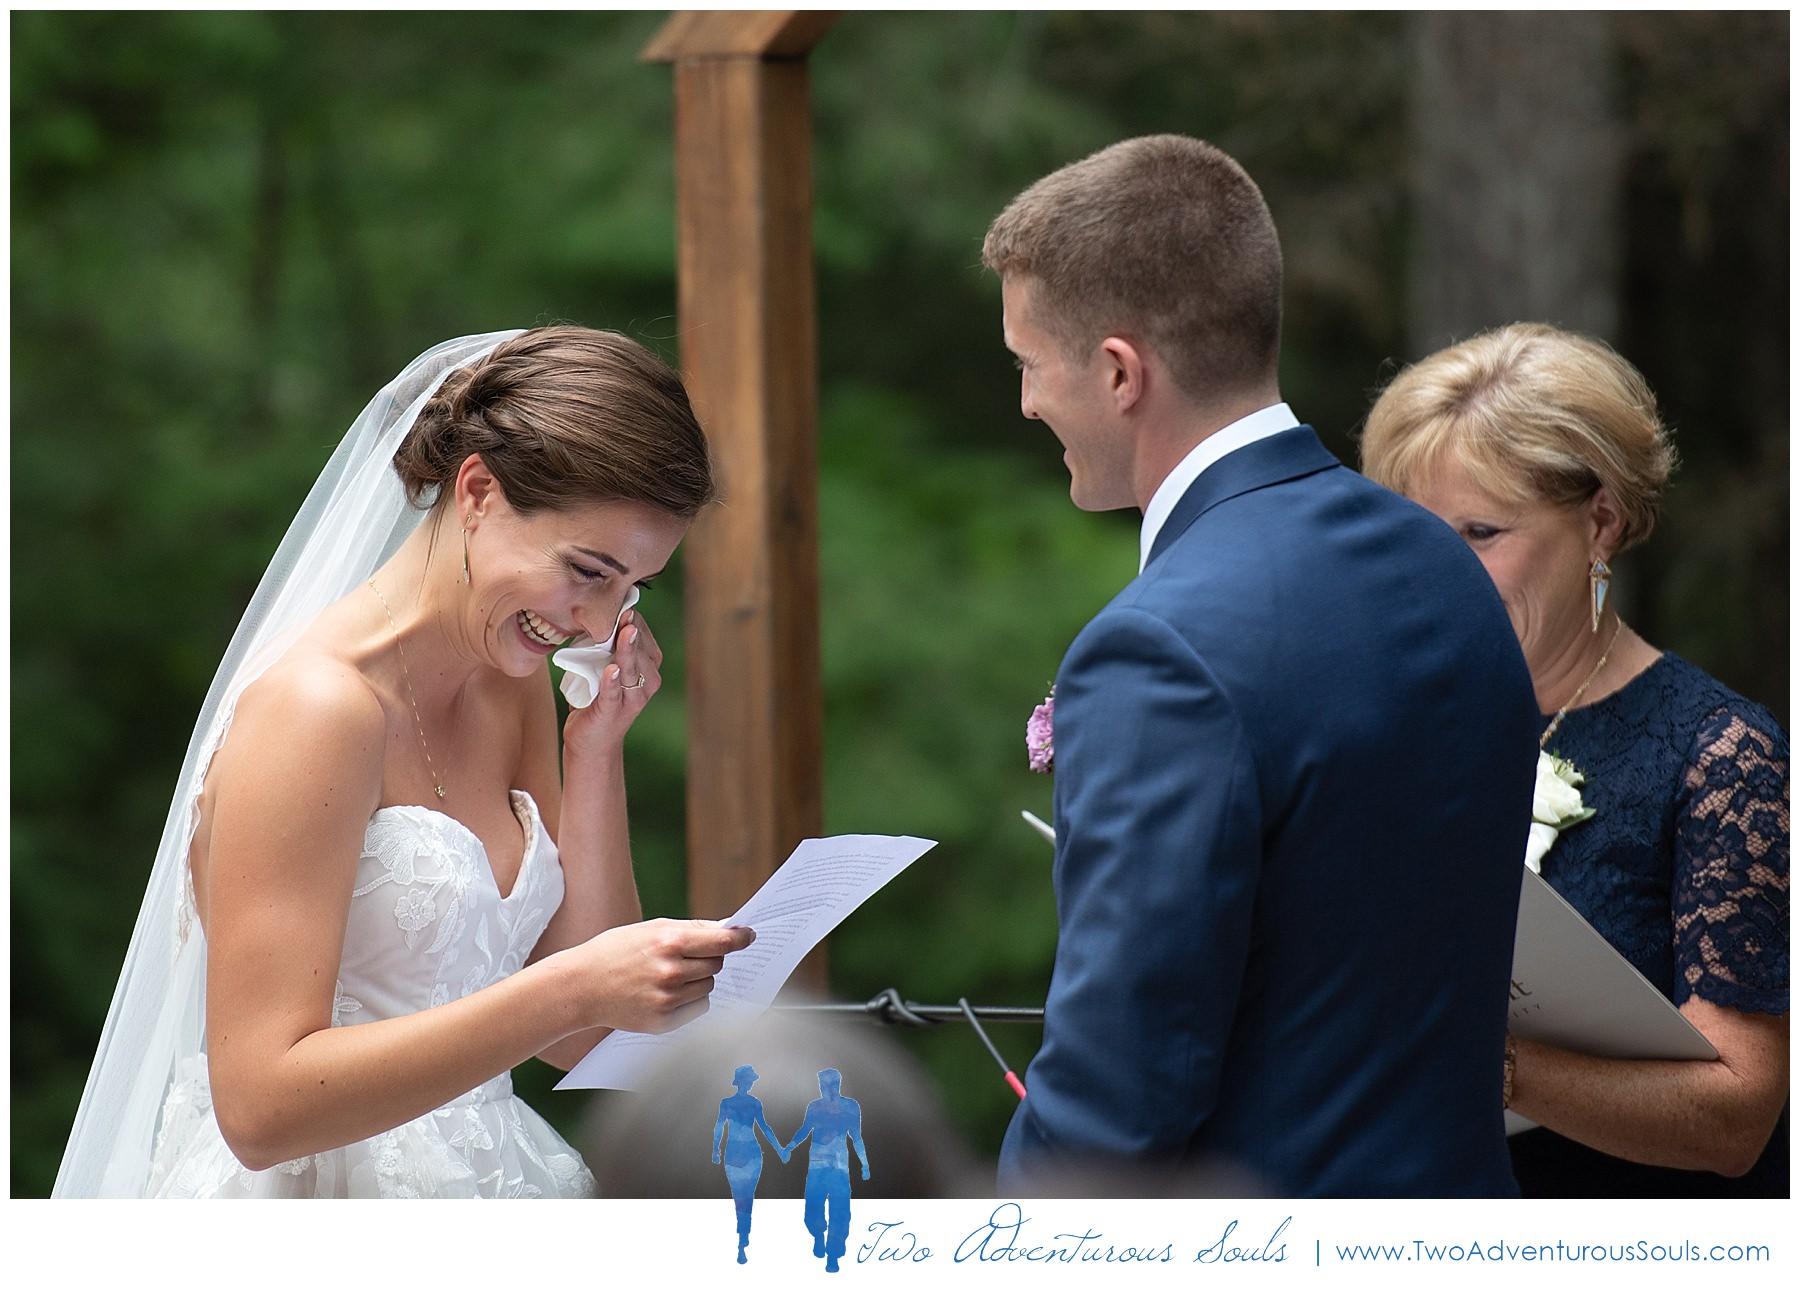 Maine Wedding Photographers, Granite Ridge Estate Wedding Photographers, Two Adventurous Souls - 080319_0040.jpg